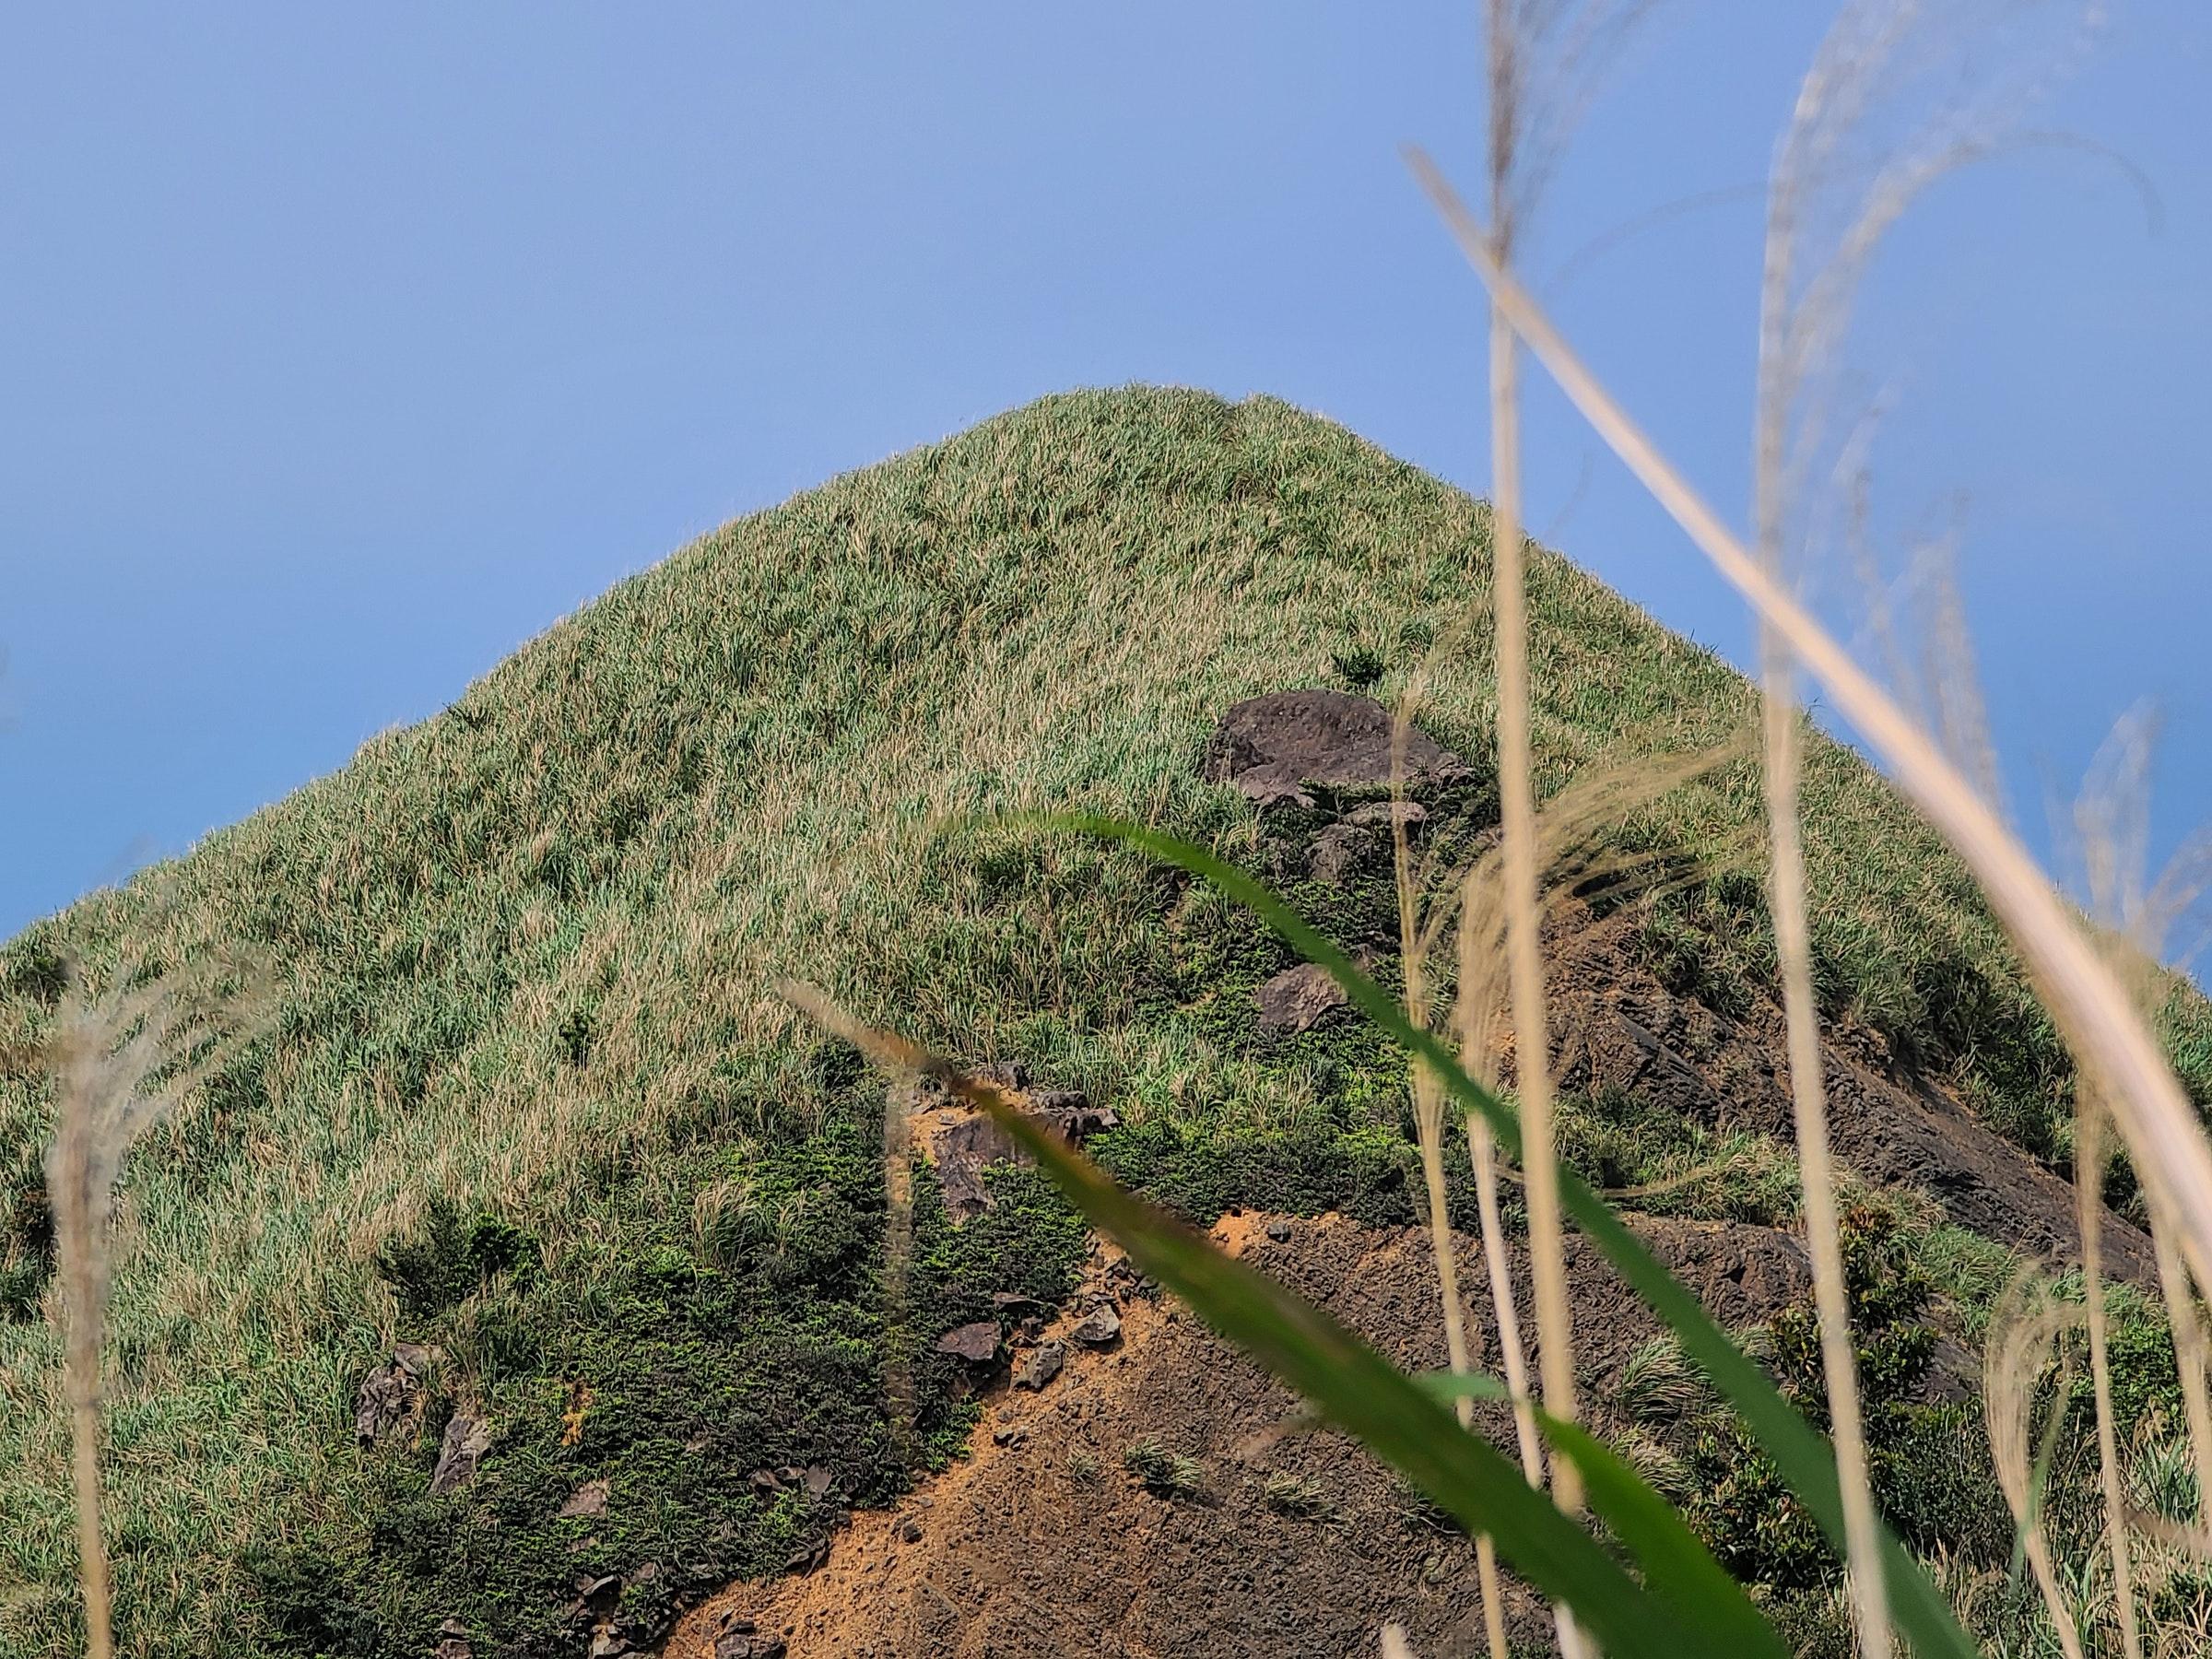 照片中包含了植被、灌木丛、植被、悬崖、草类